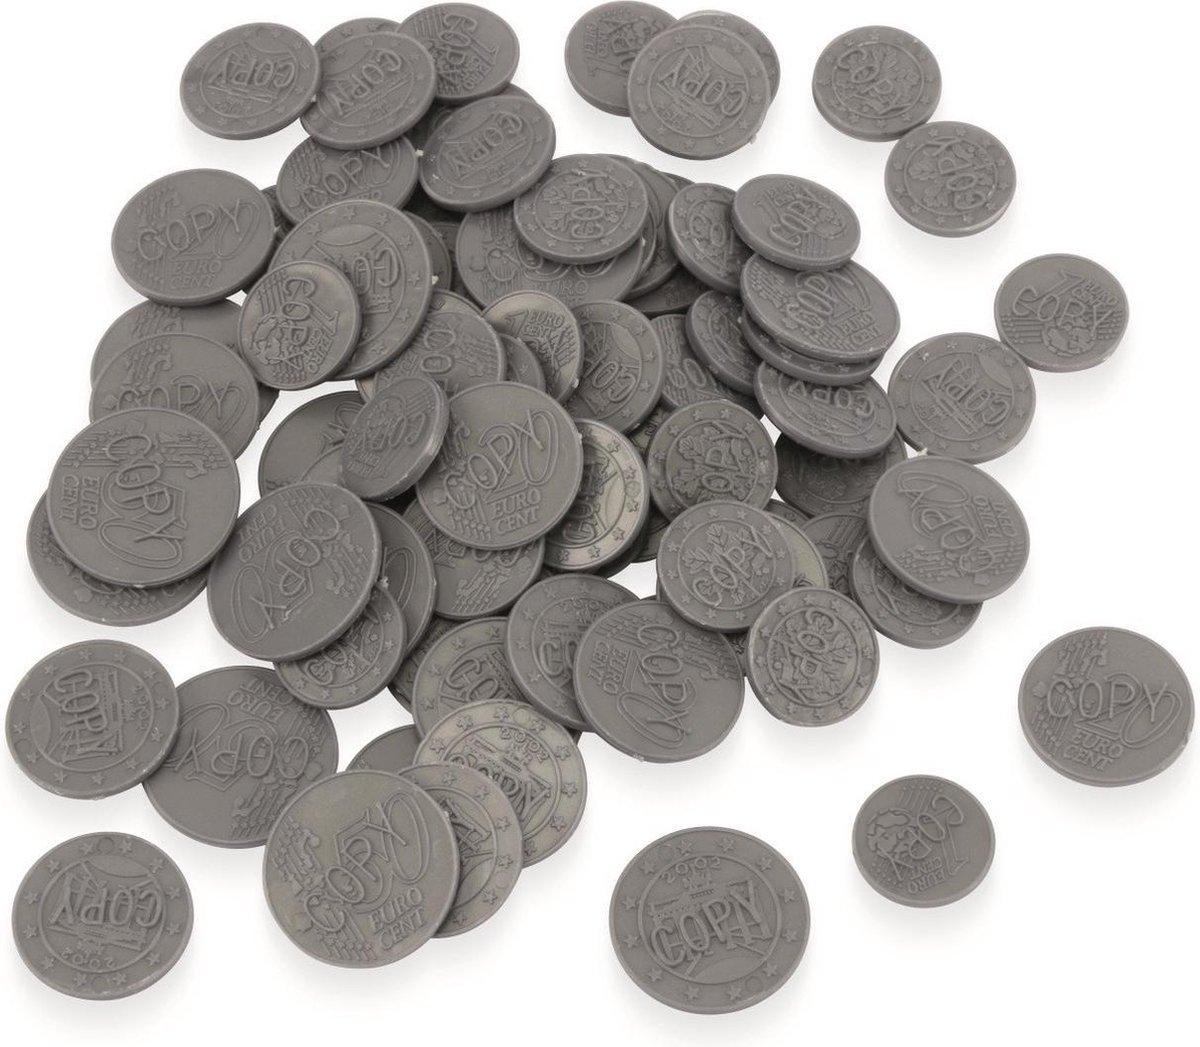 Speelgeld euro munten 100x stuks - kinder winkeltje spelen - speelgoed nepgeld - Merkloos